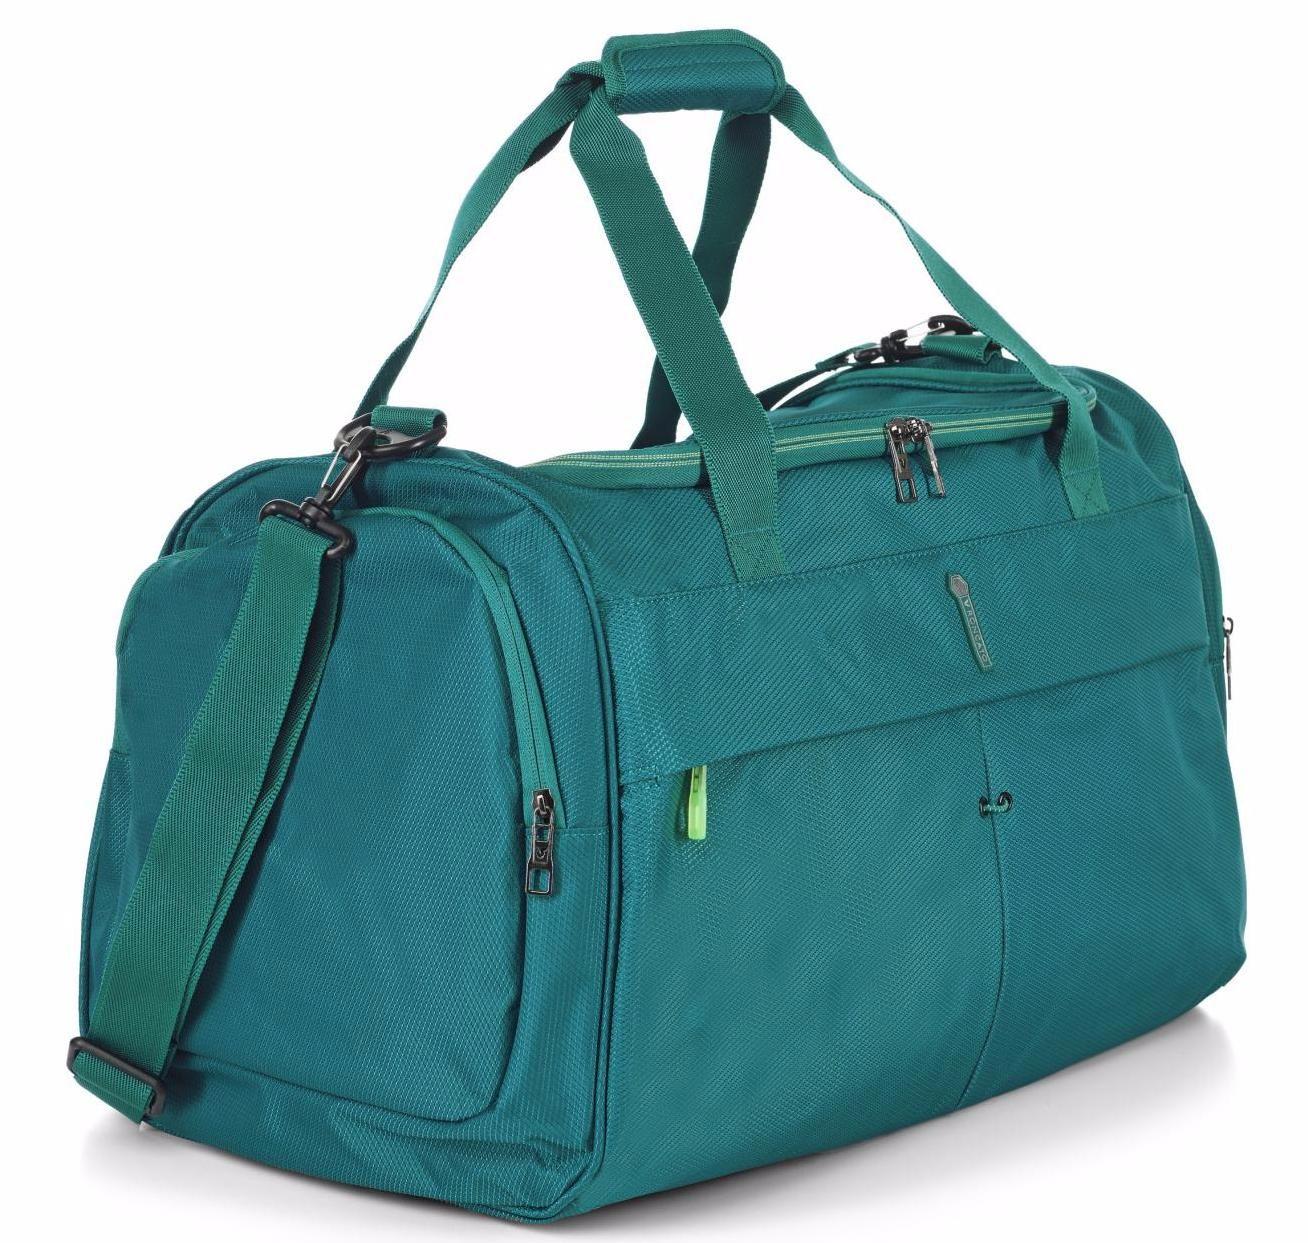 Robinzonru - интернет магазин чемоданов и дорожных сумок